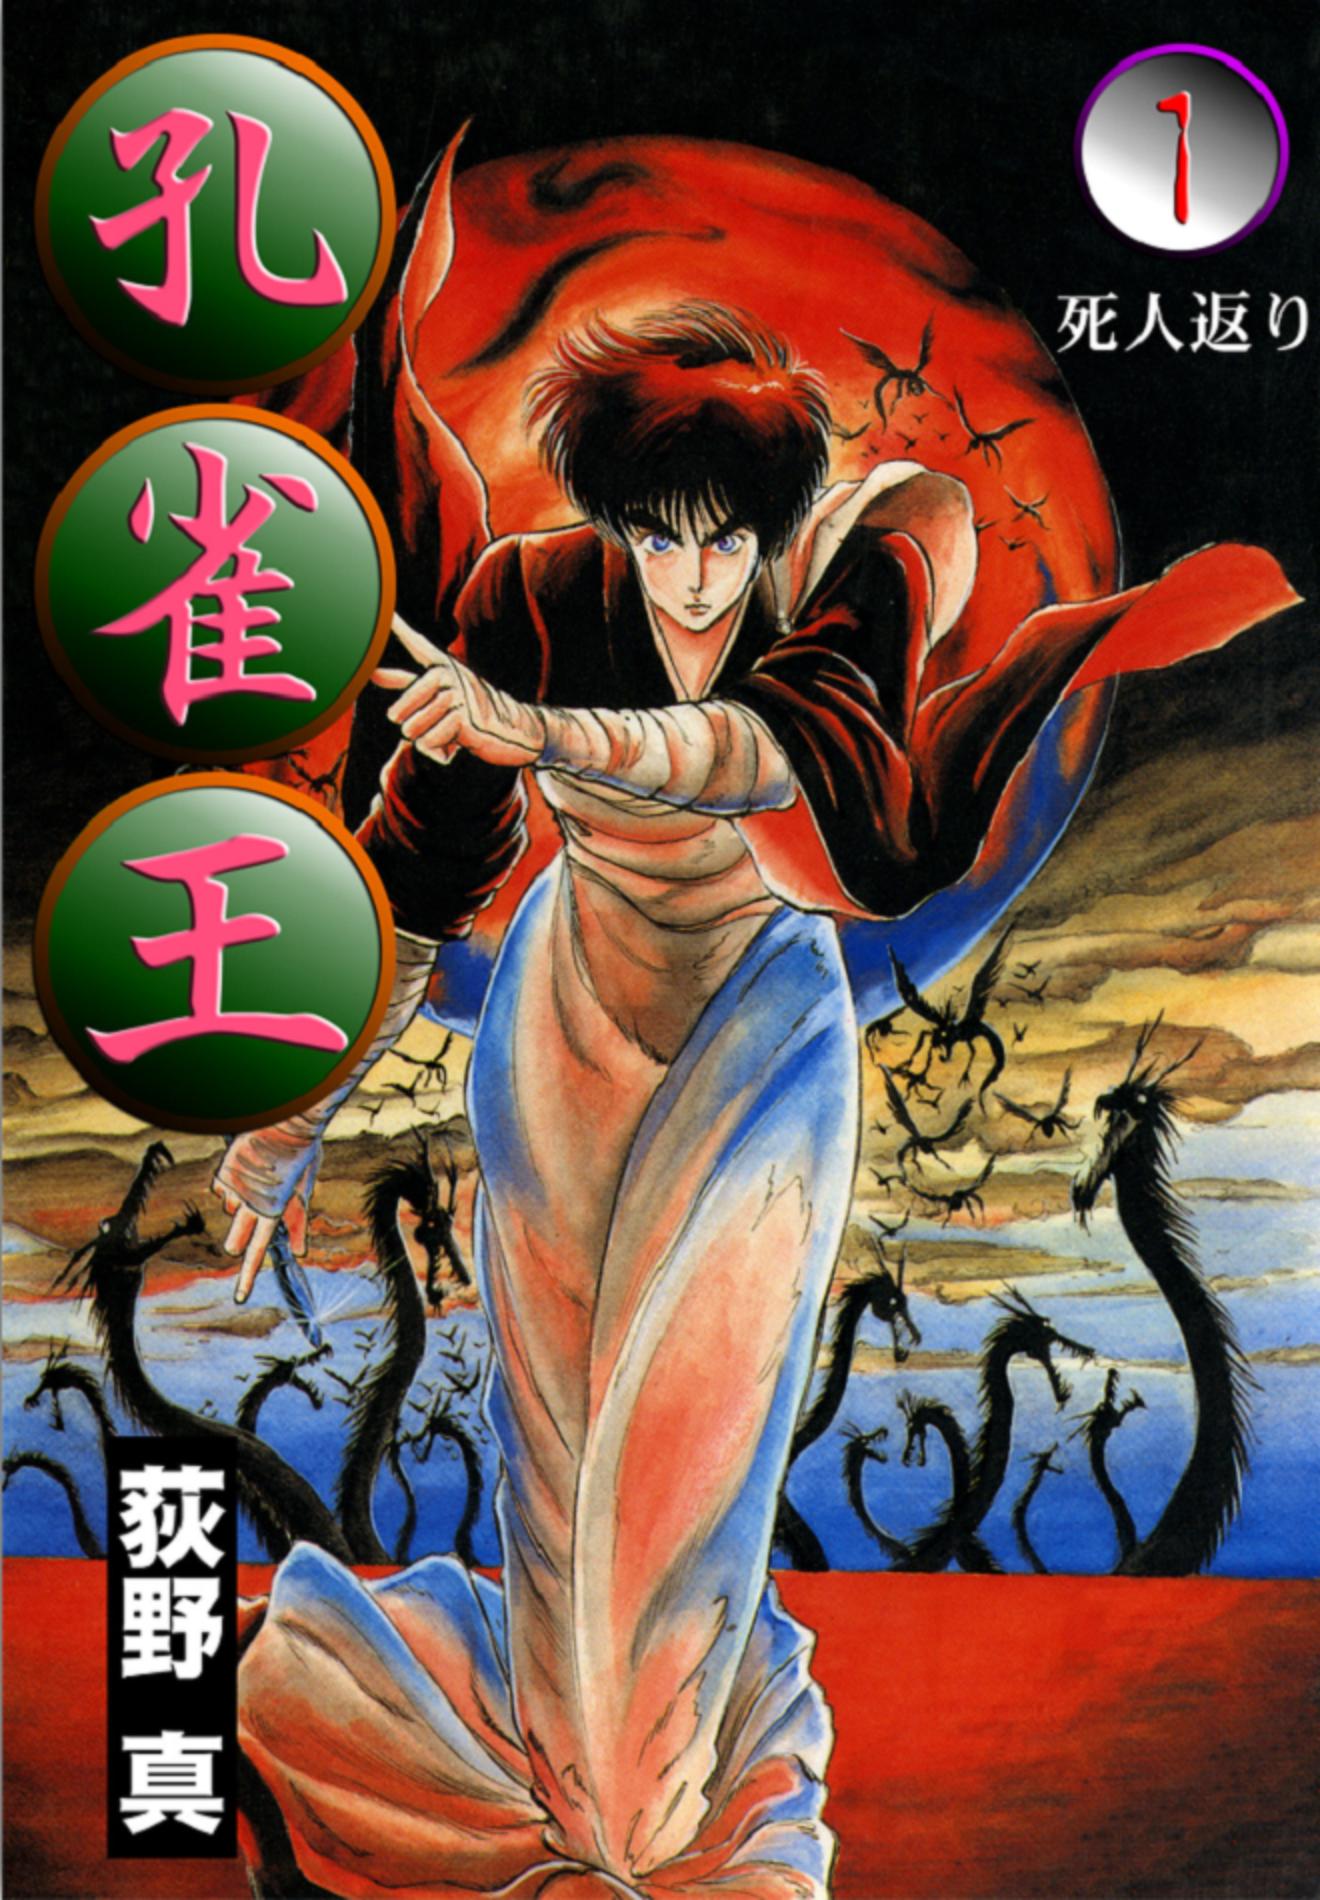 「孔雀王」シリーズ全編のあらすじ、見所をまとめてネタバレ!名言も紹介!